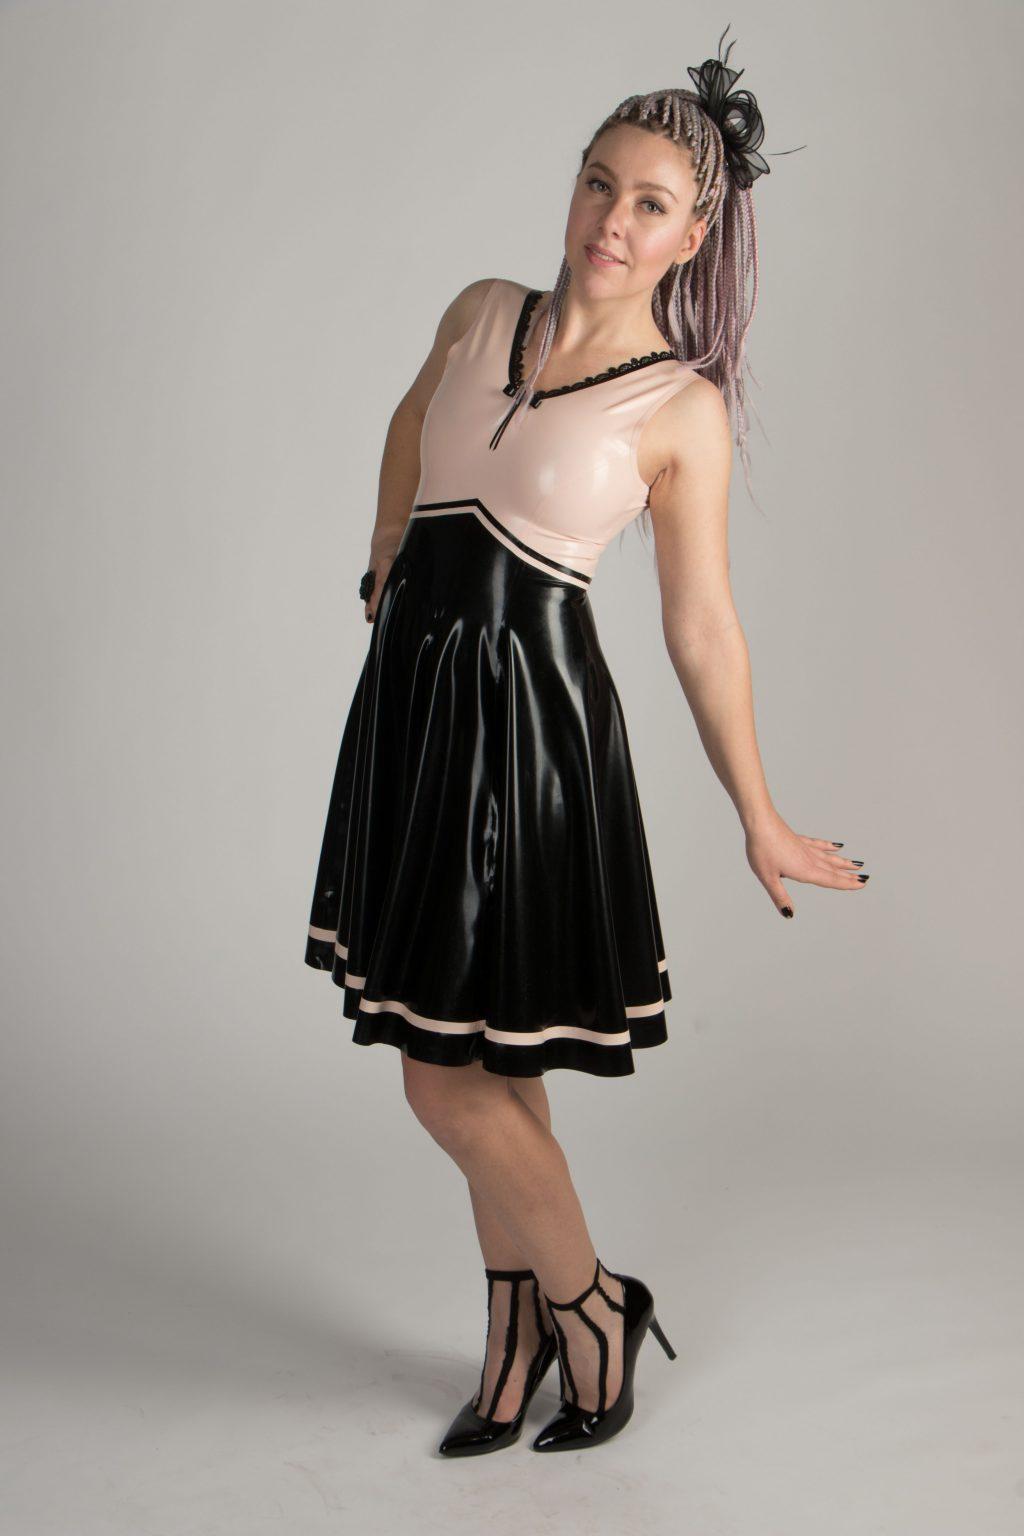 Knielanges zweifarbiges Latexkleid (0,35mm) : mit schwarzem Kreisrock und,engem Babypink-Top mit Spitze +Schleife